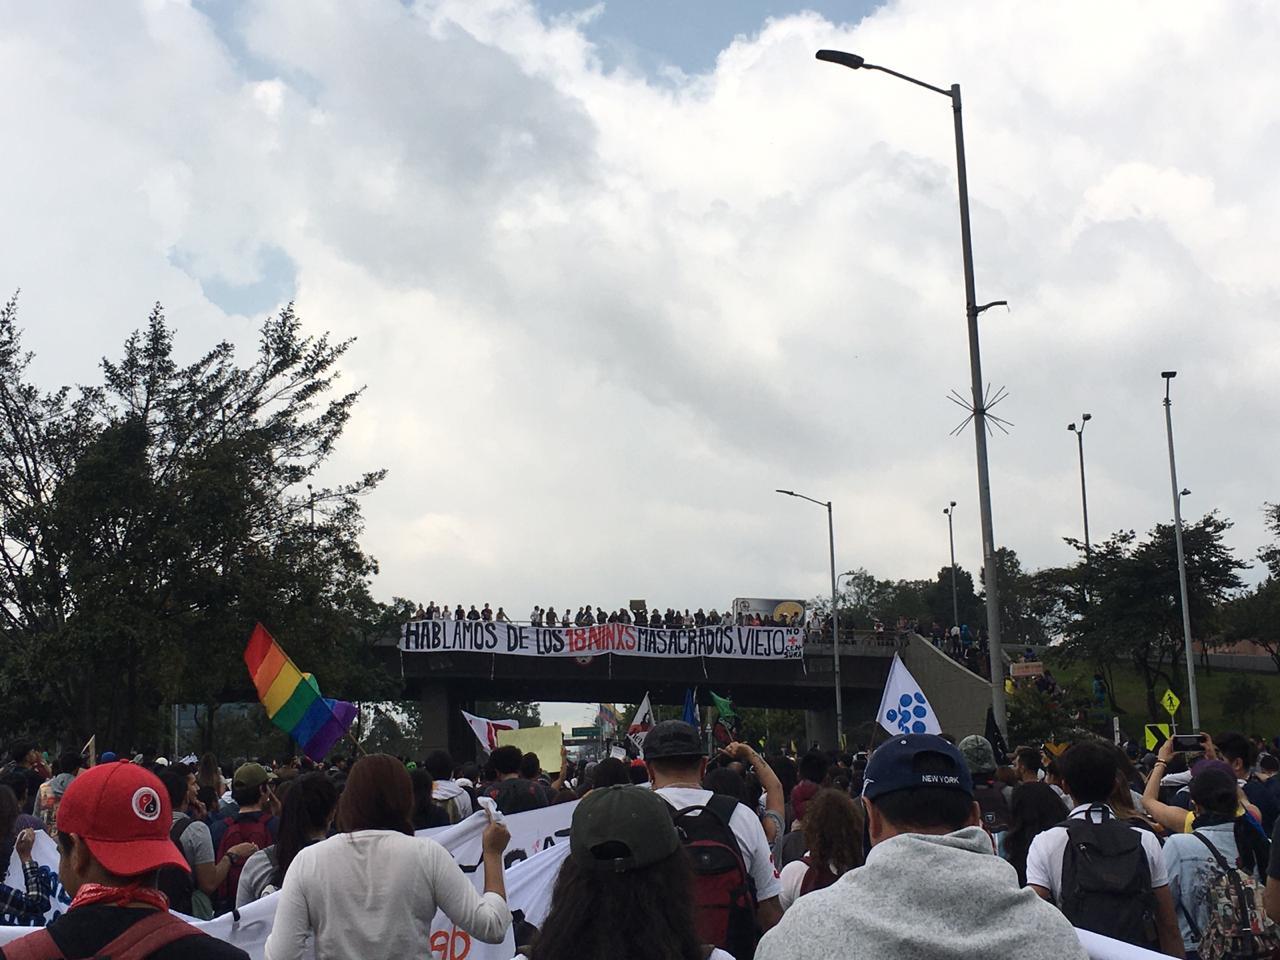 Las marchas han acogido un descontento generalizado pero que no tiene una causa única.